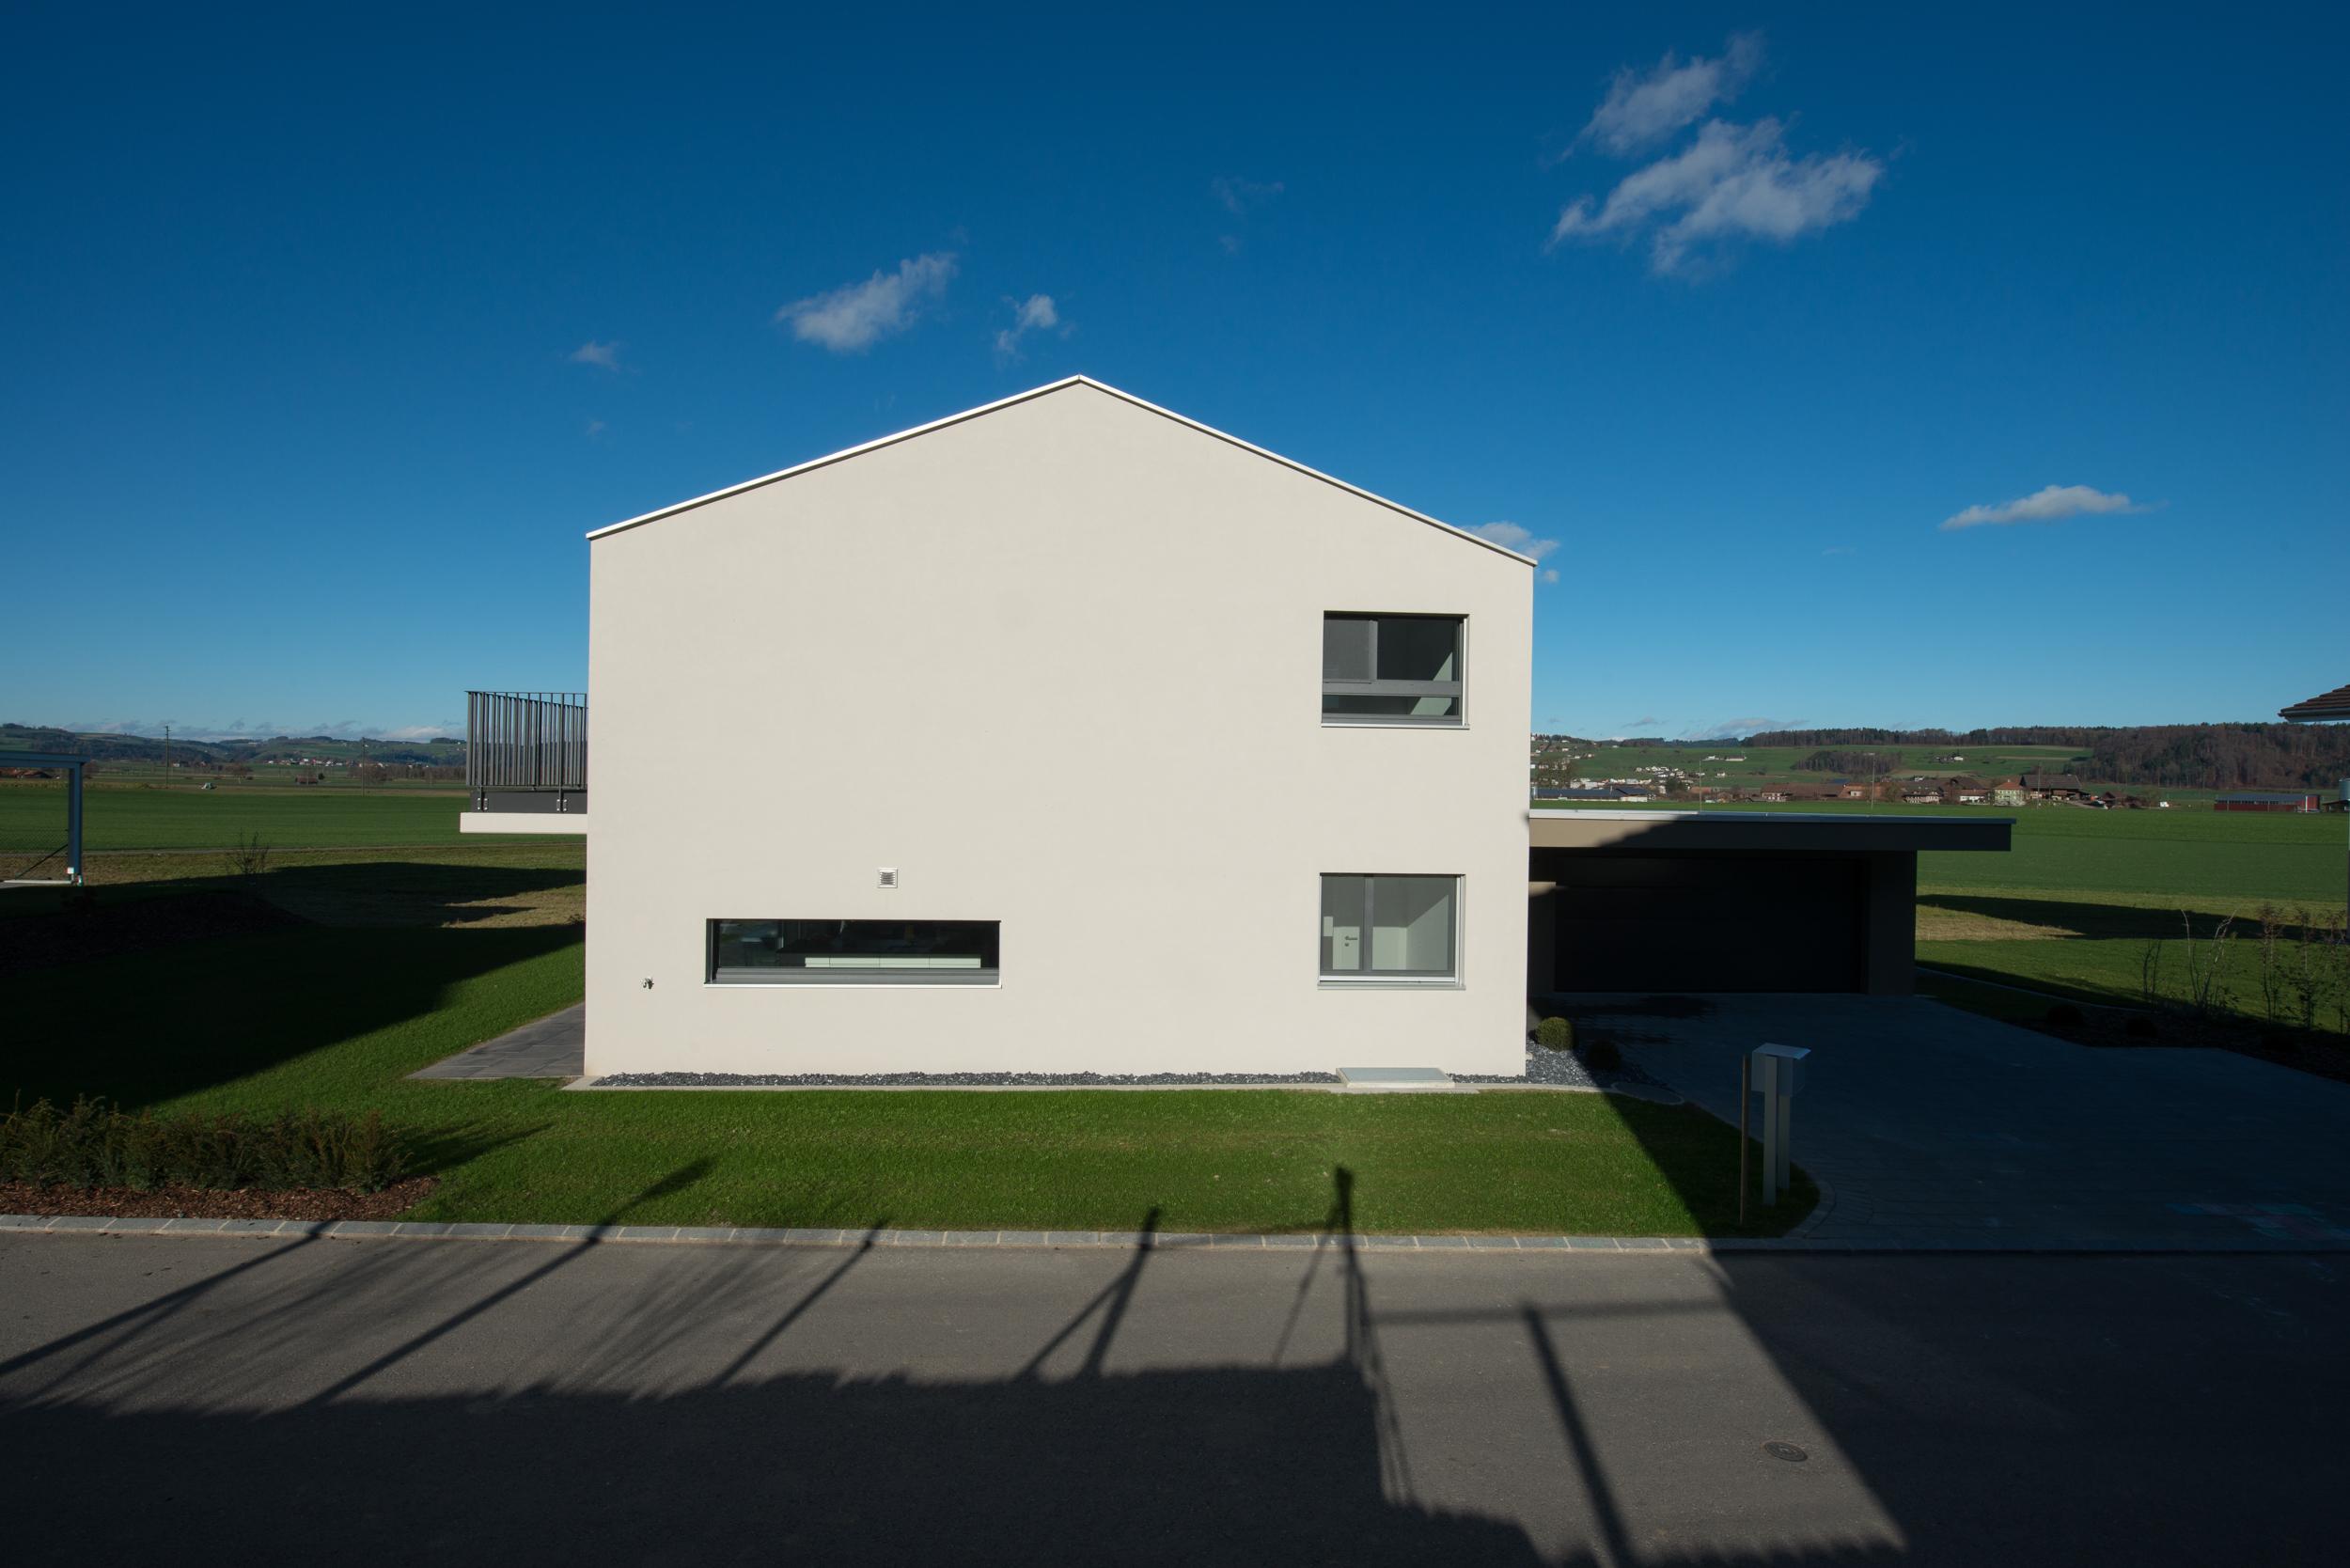 Architekturfotografie_Wohnbauten-7592.jpg